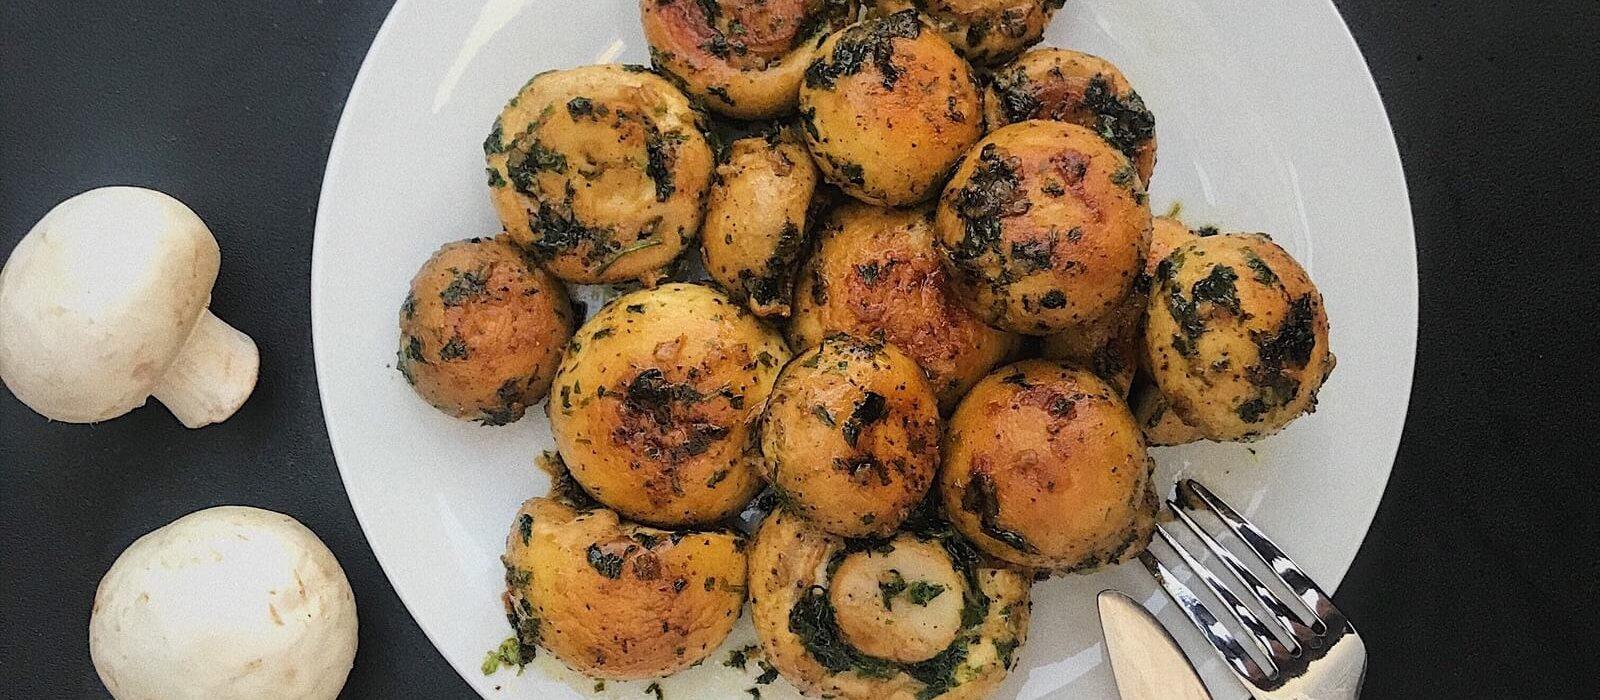 [Food] Champignons au Beurre et au Persil par Sinaba